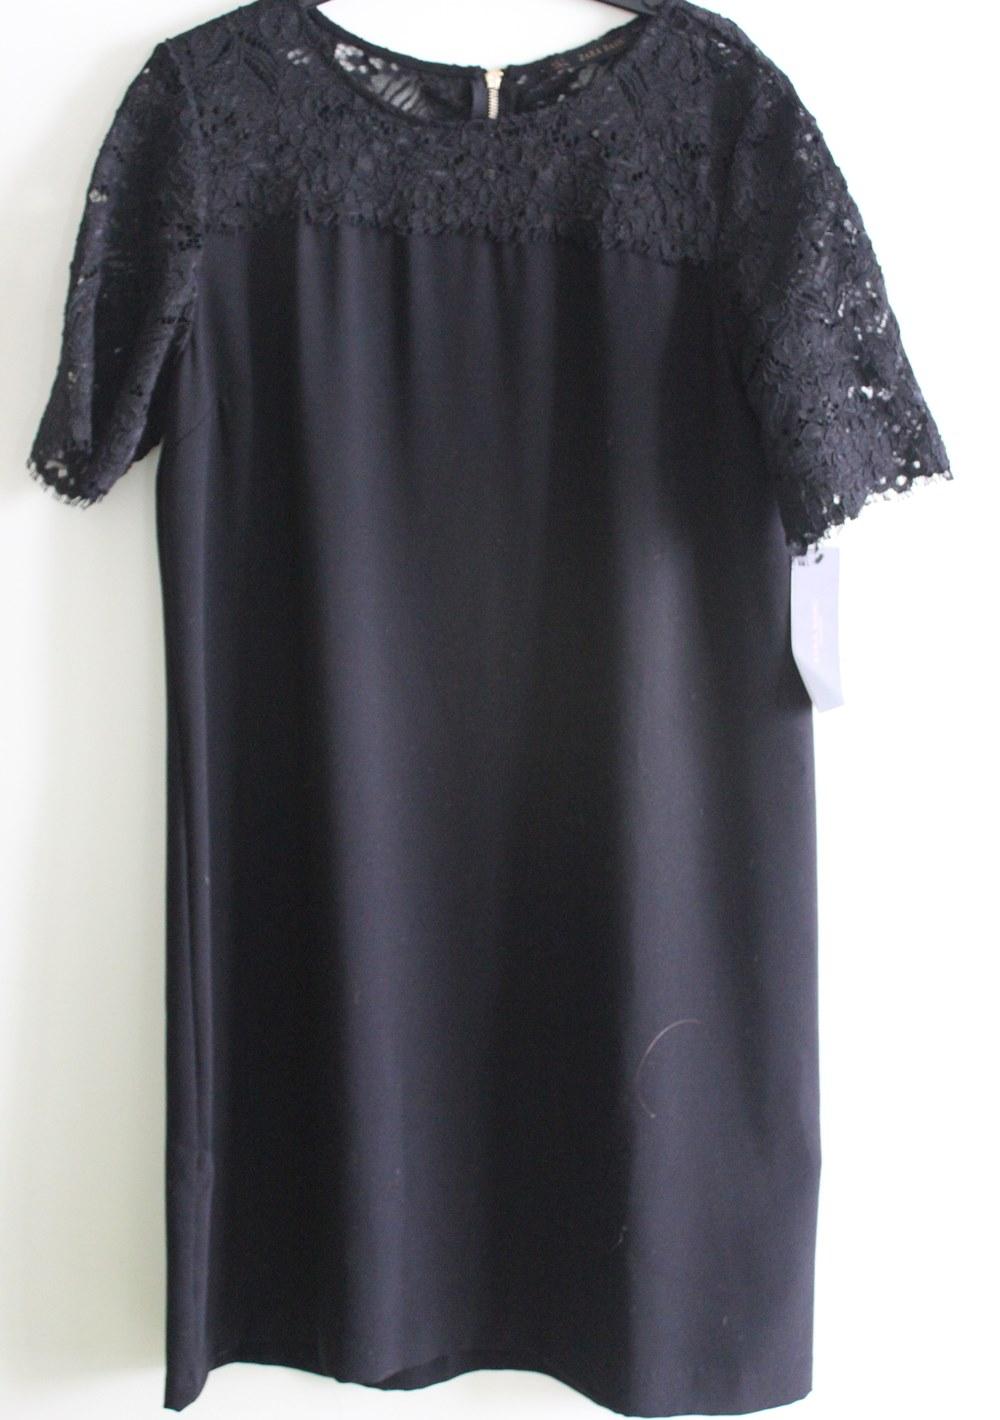 Vestido ZARA preto renda